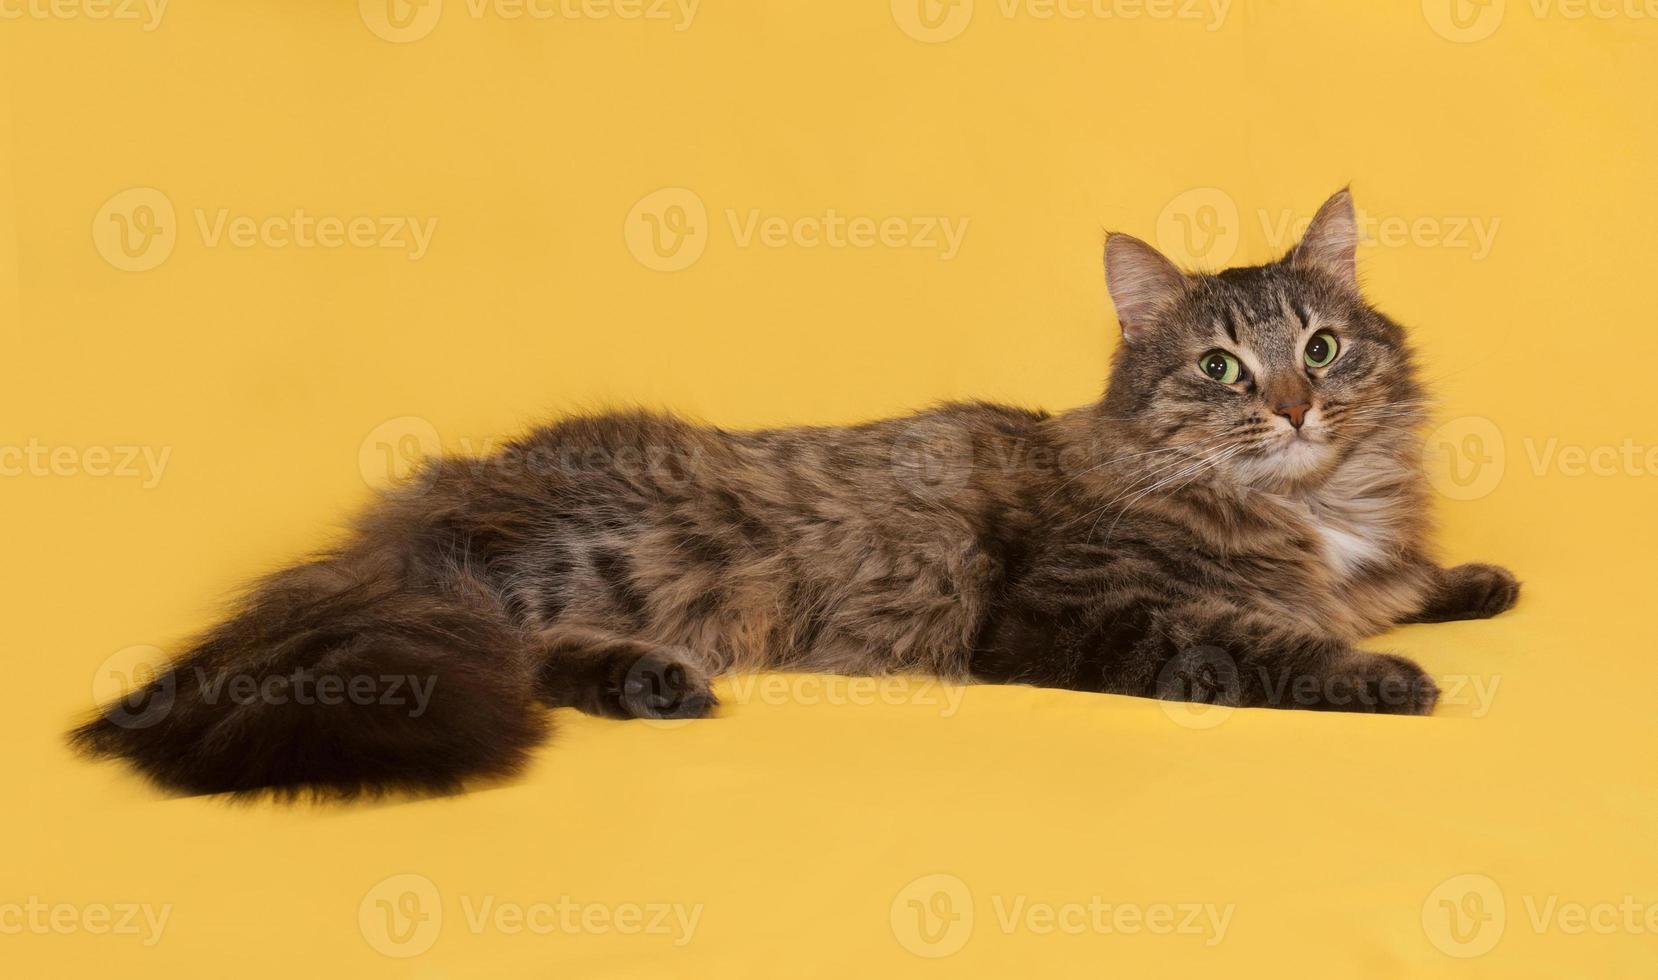 soffice gatto soriano si trova sul giallo foto